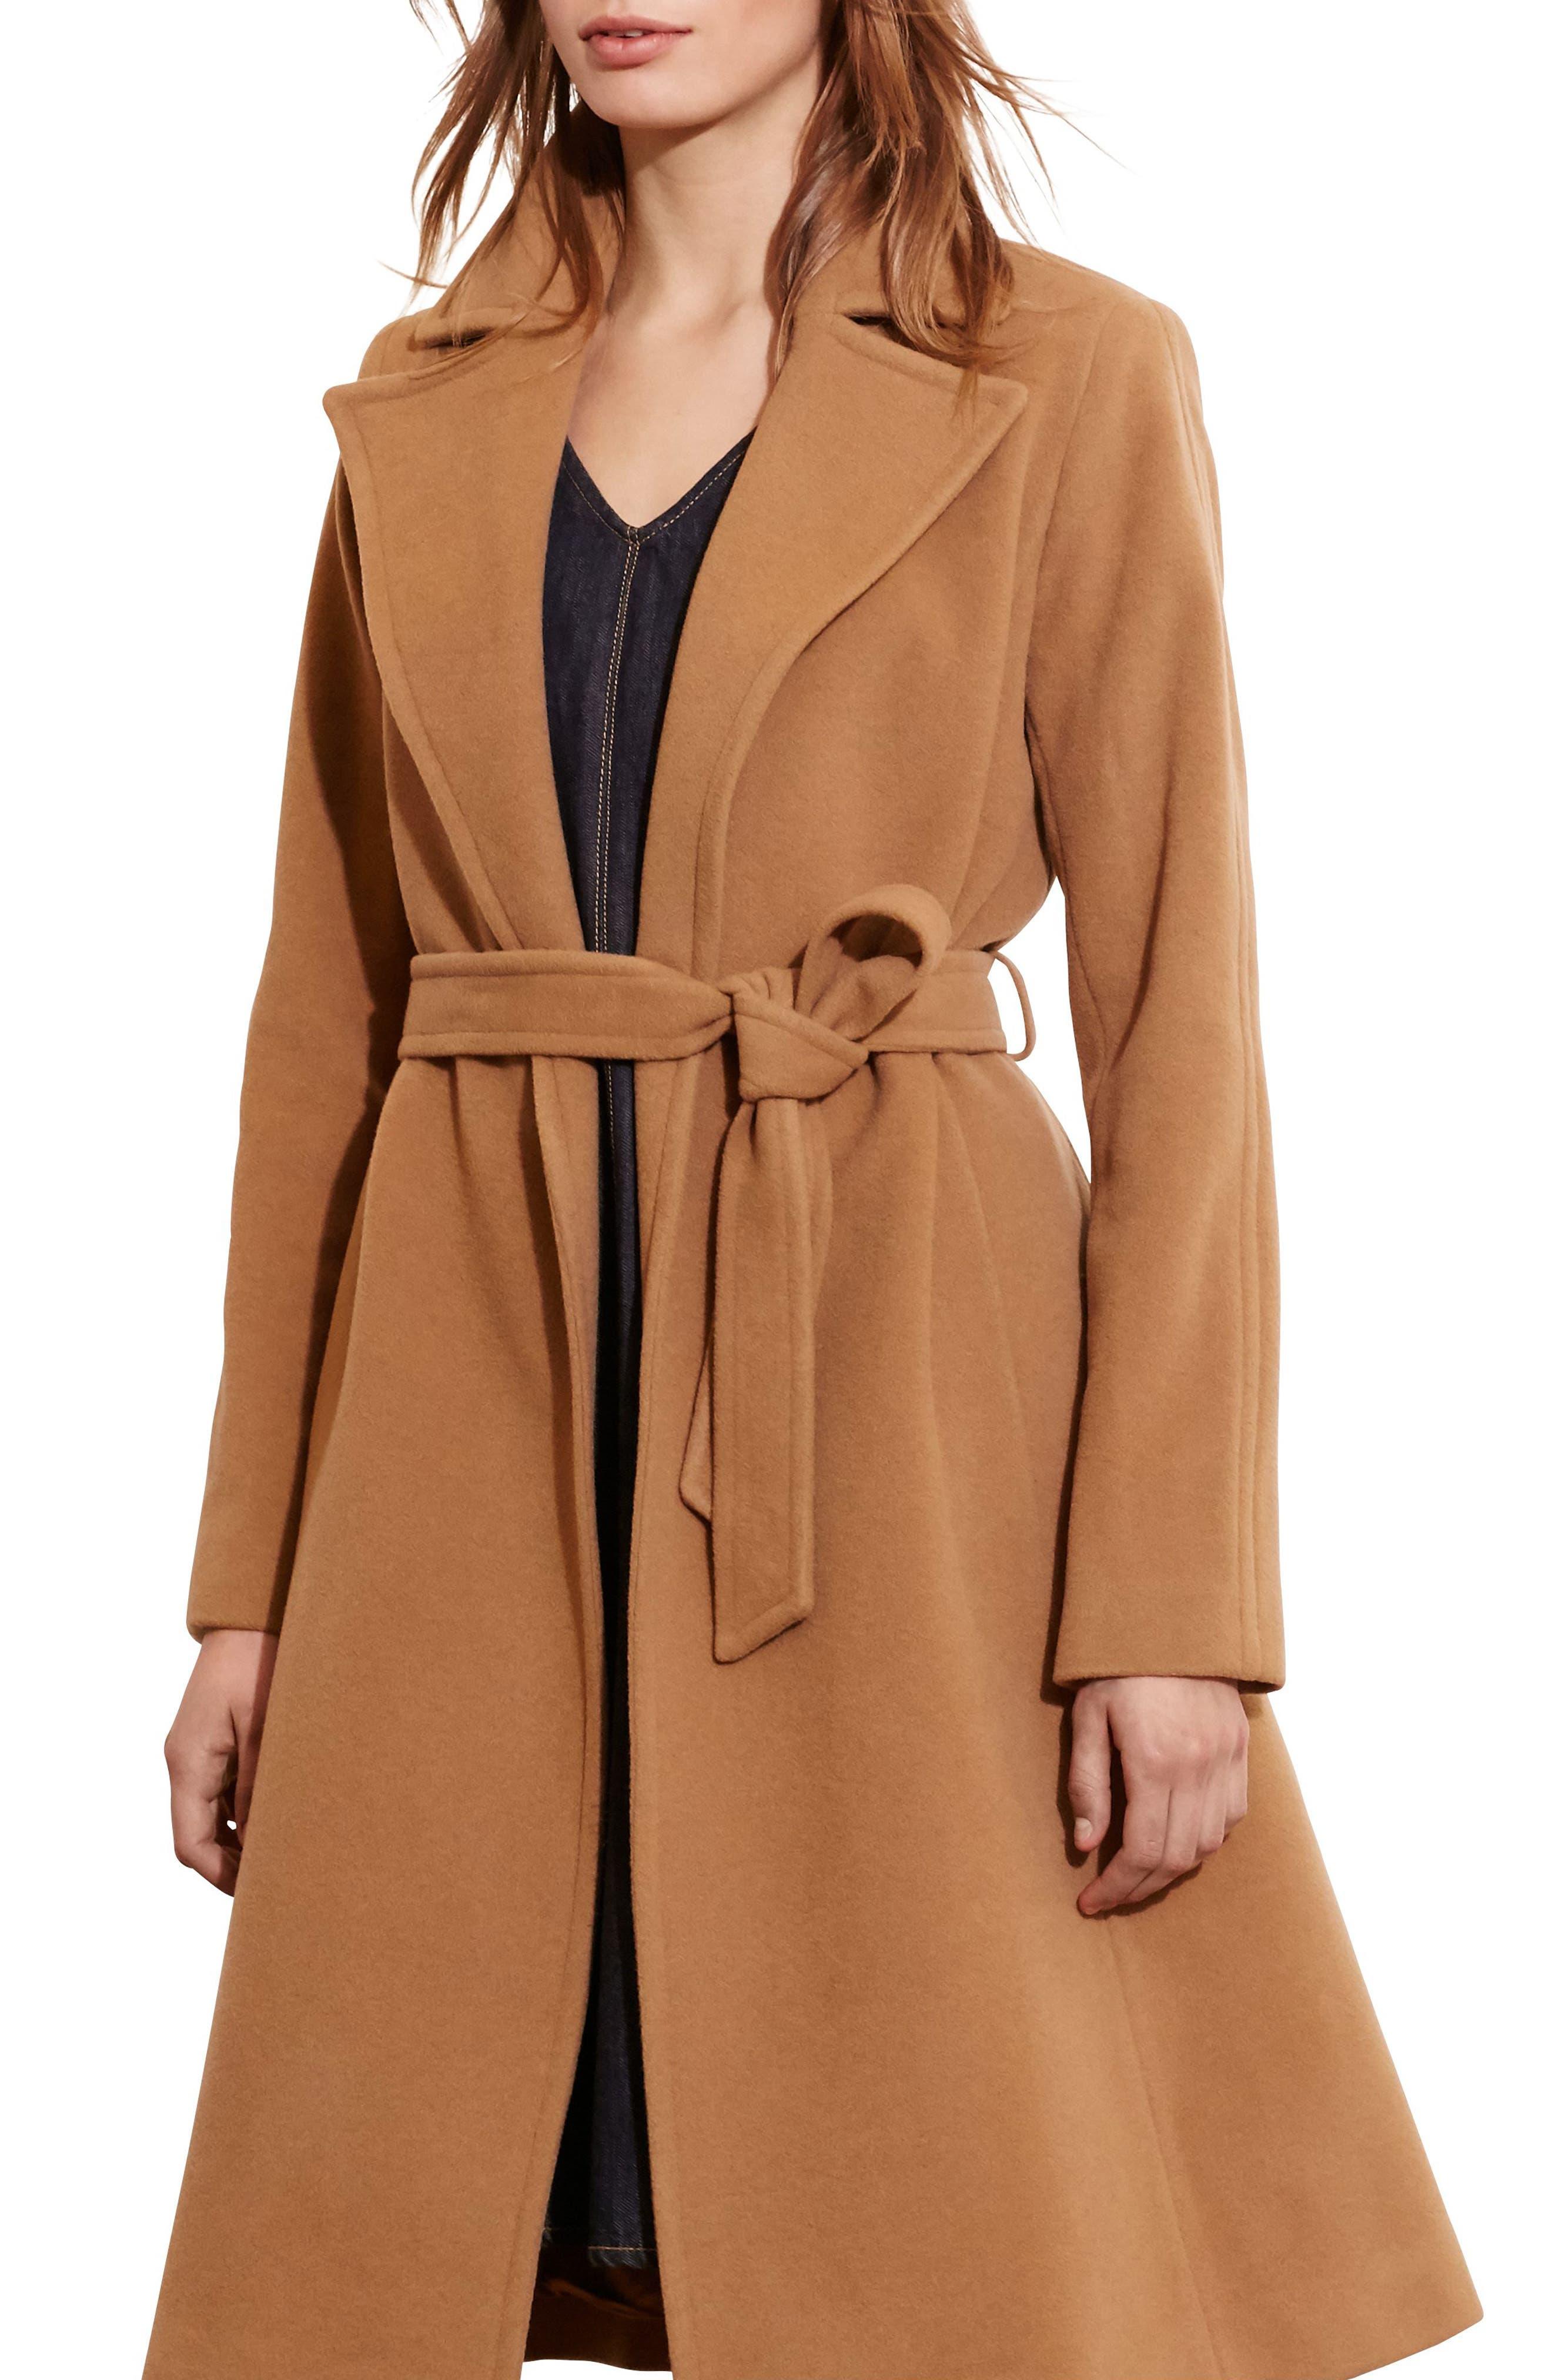 LAUREN RALPH LAUREN Wool Blend Wrap Coat, Main, color, 256